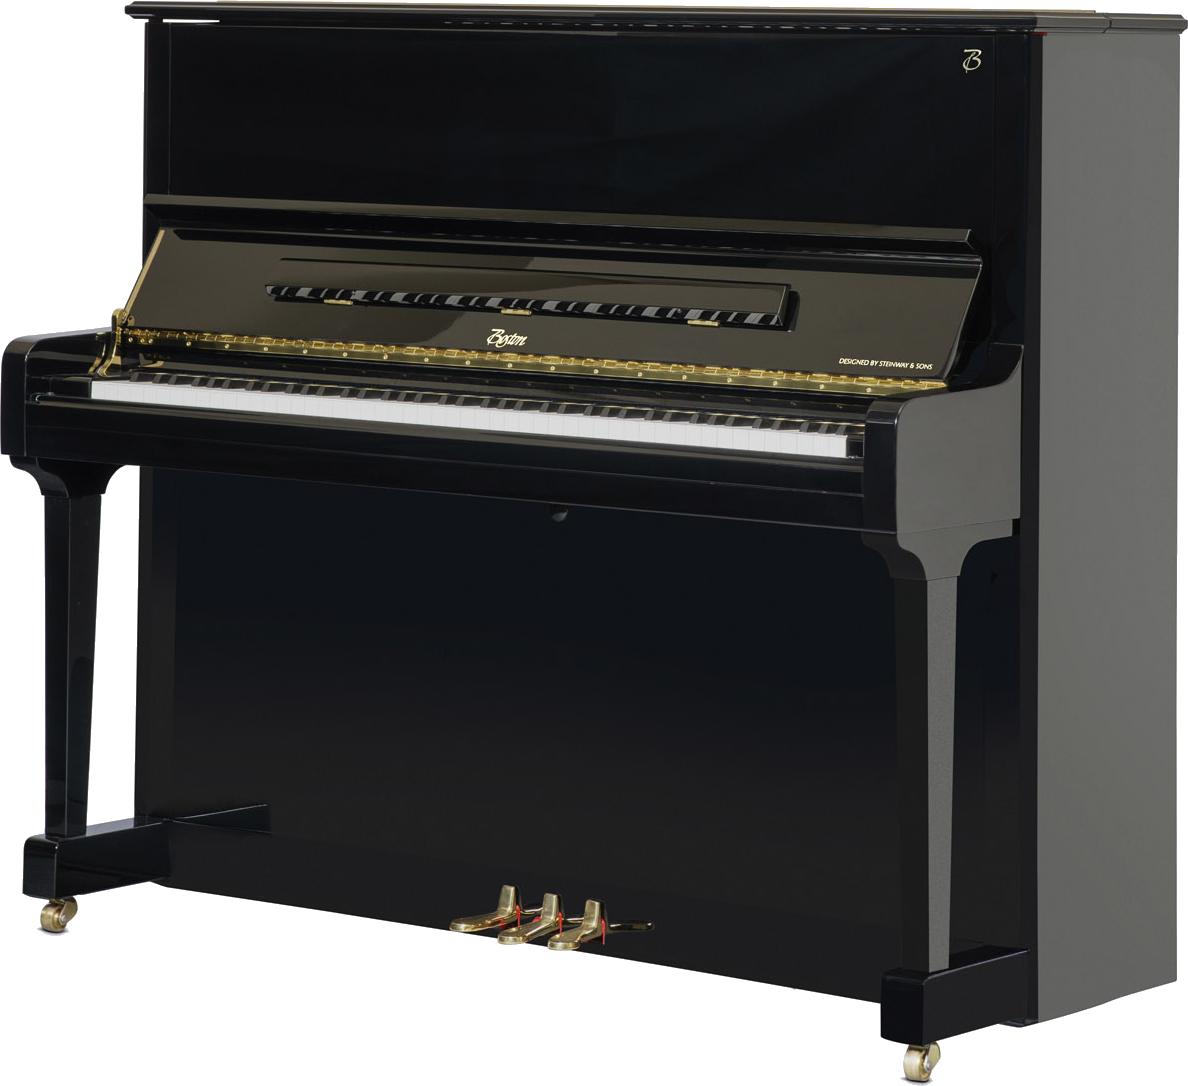 piano-vertical-boston-up126-profesional-nuevo-negro-frontal copia